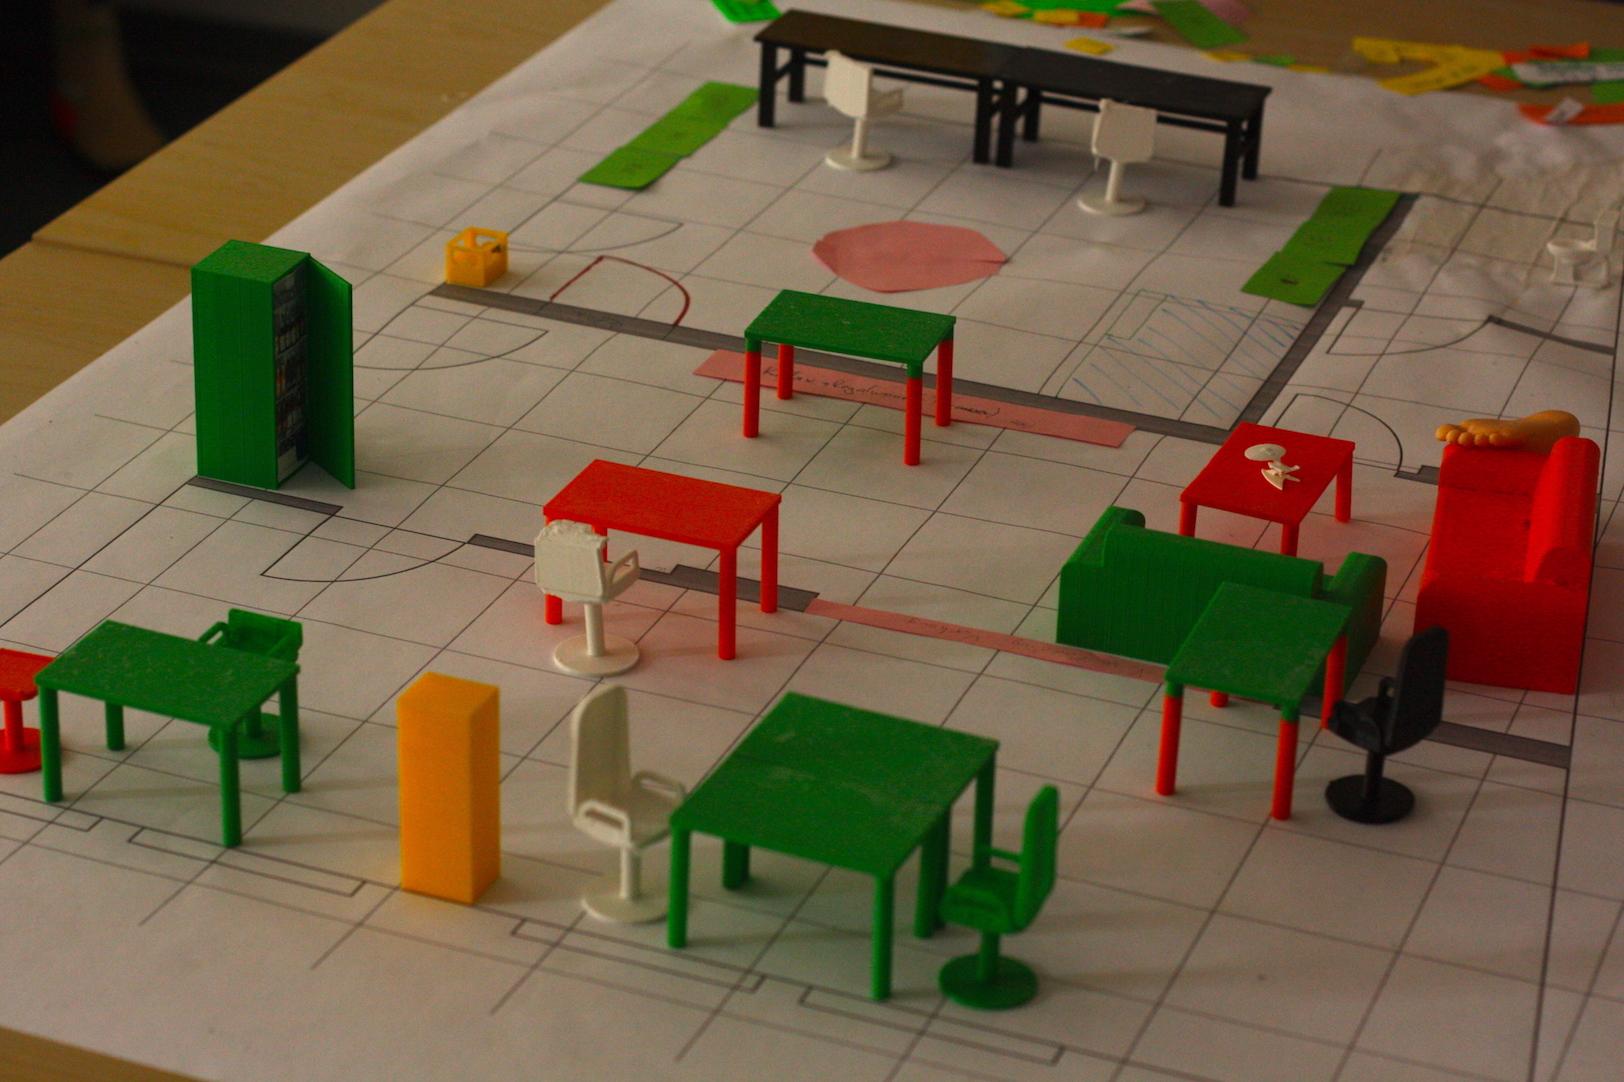 Mit einem großen Plan und 3D-Modellen wurde der Space geplant